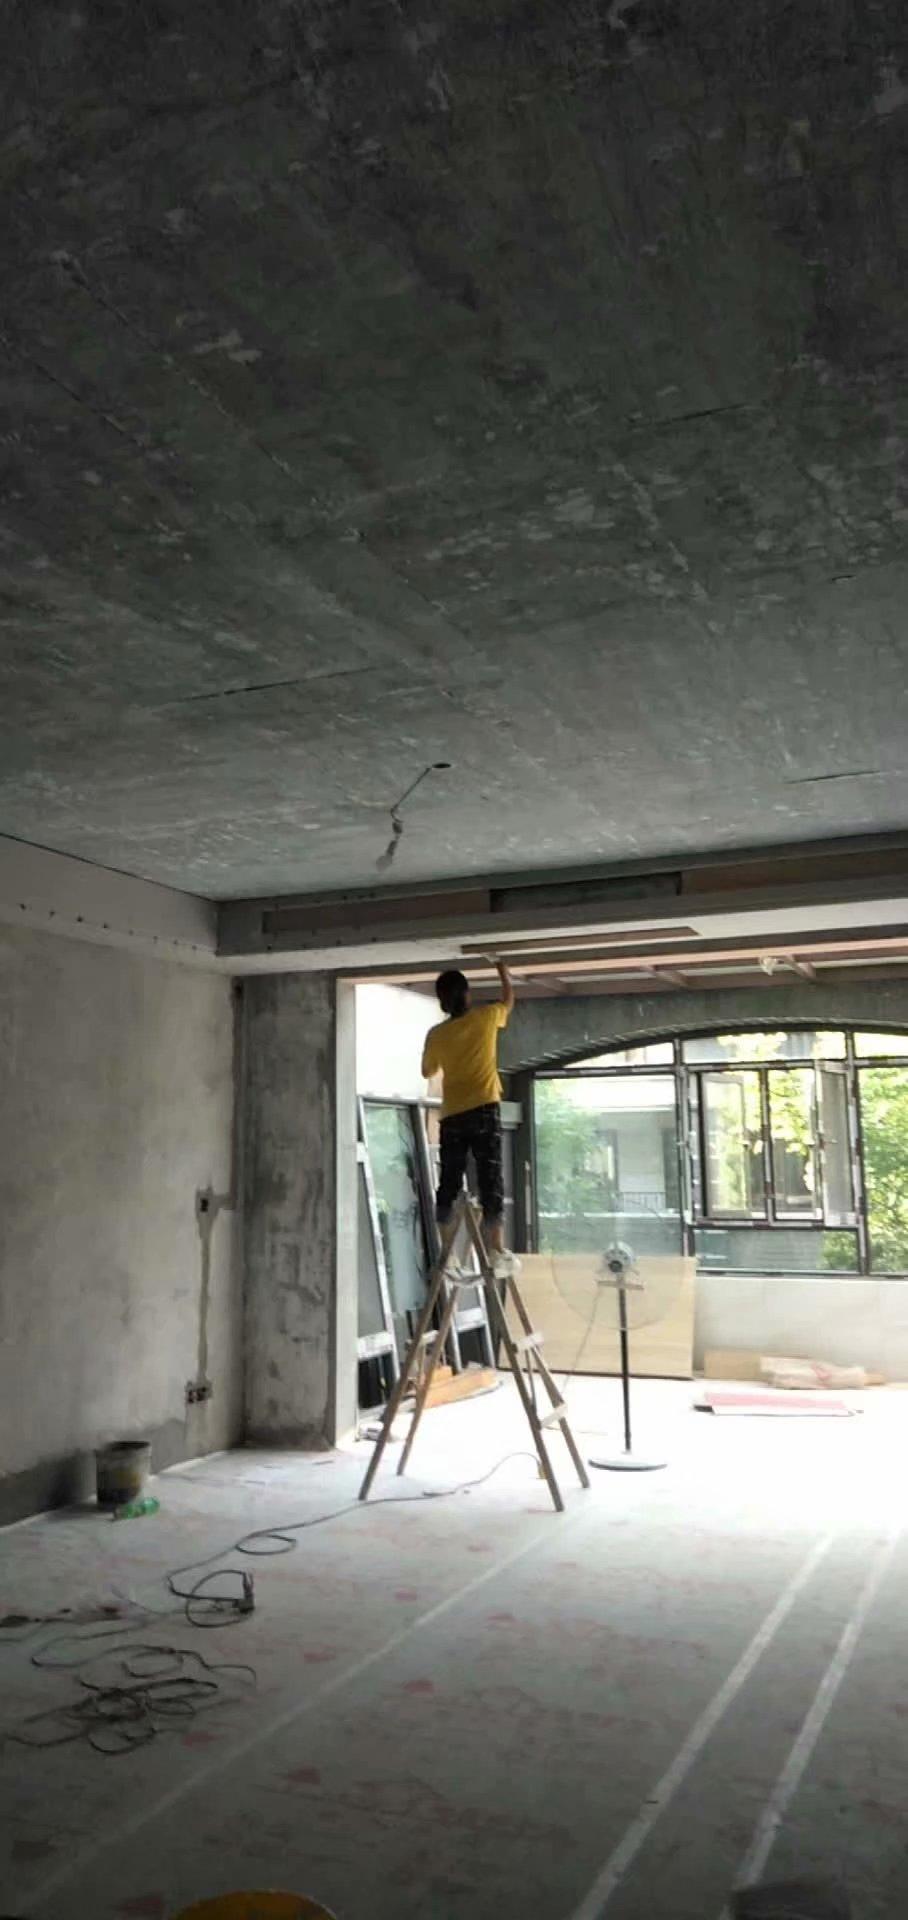 南京大华装修工地,油漆师傅正在补石膏板吊顶